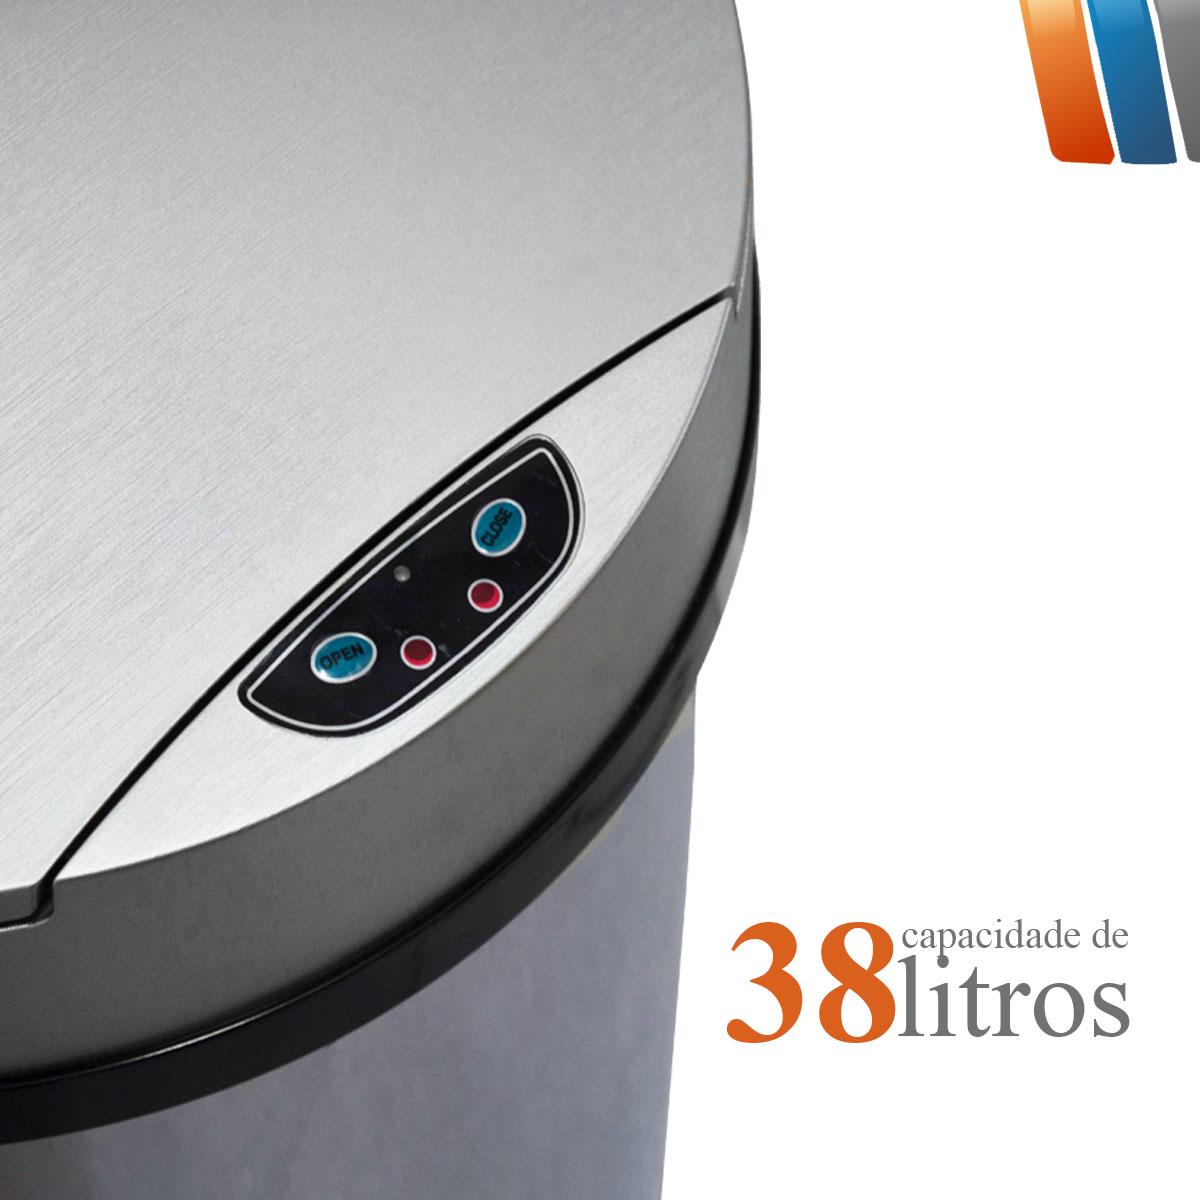 KIT LIXEIRA COM SENSOR AUTOMÁTICO DE 38 LITROS + LIXEIRA COM SENSOR AUTOMÁTICO DE 3 LITROS